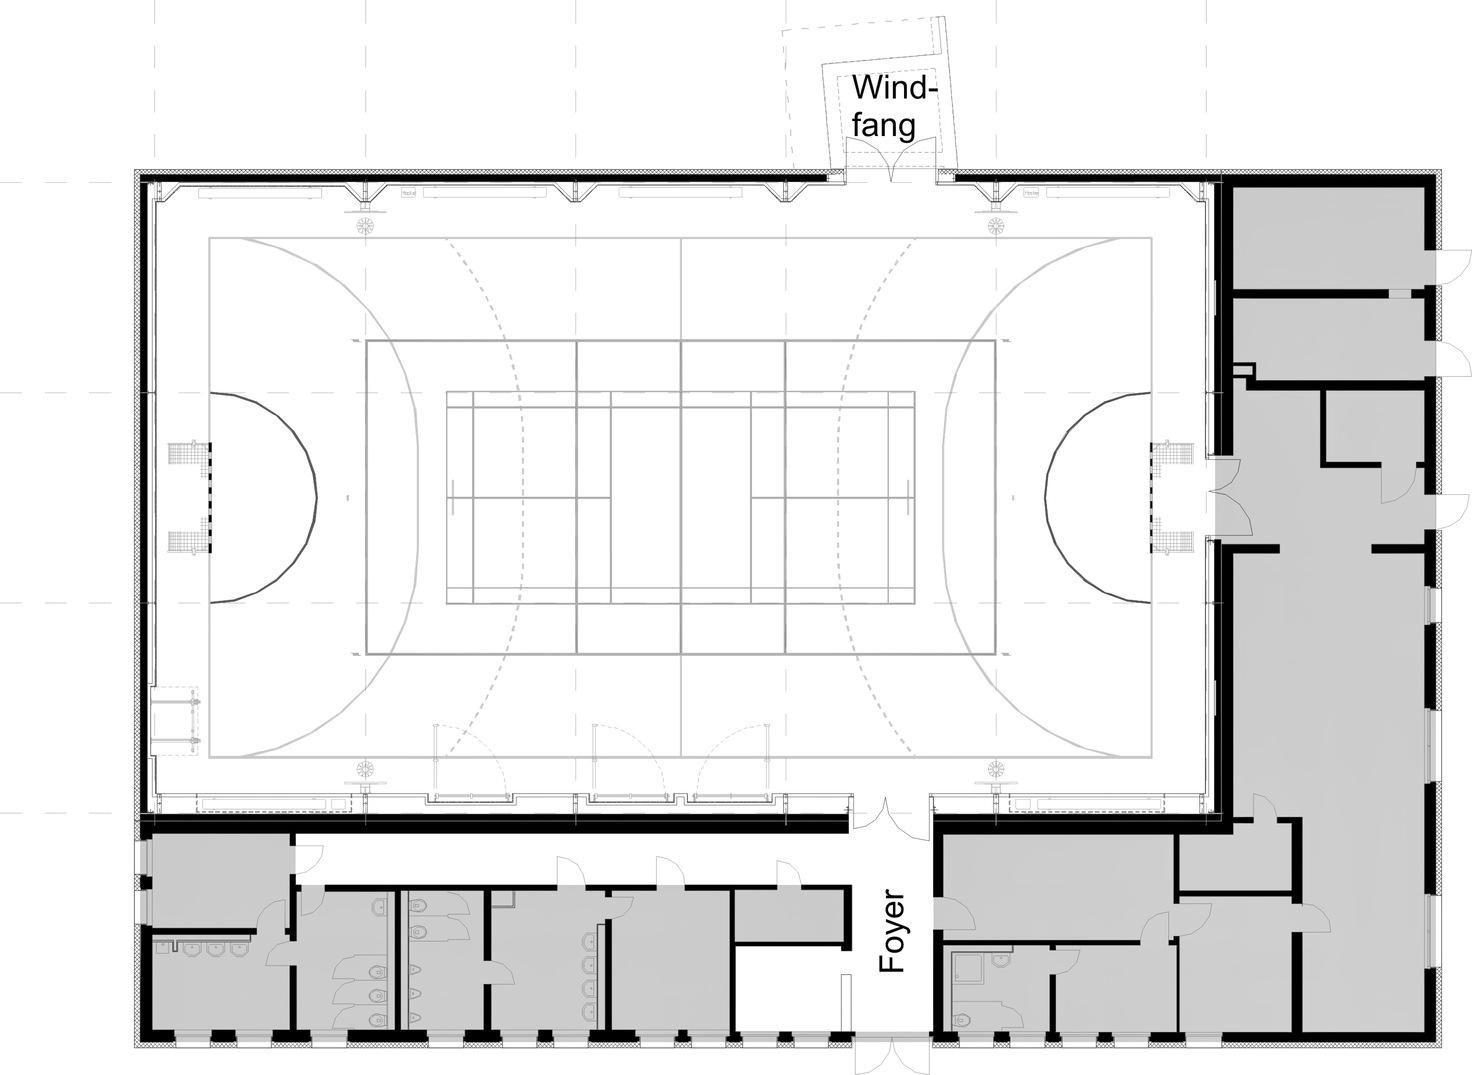 sanierung der sporthalle urbich erfurt architekturf hrer th ringen. Black Bedroom Furniture Sets. Home Design Ideas